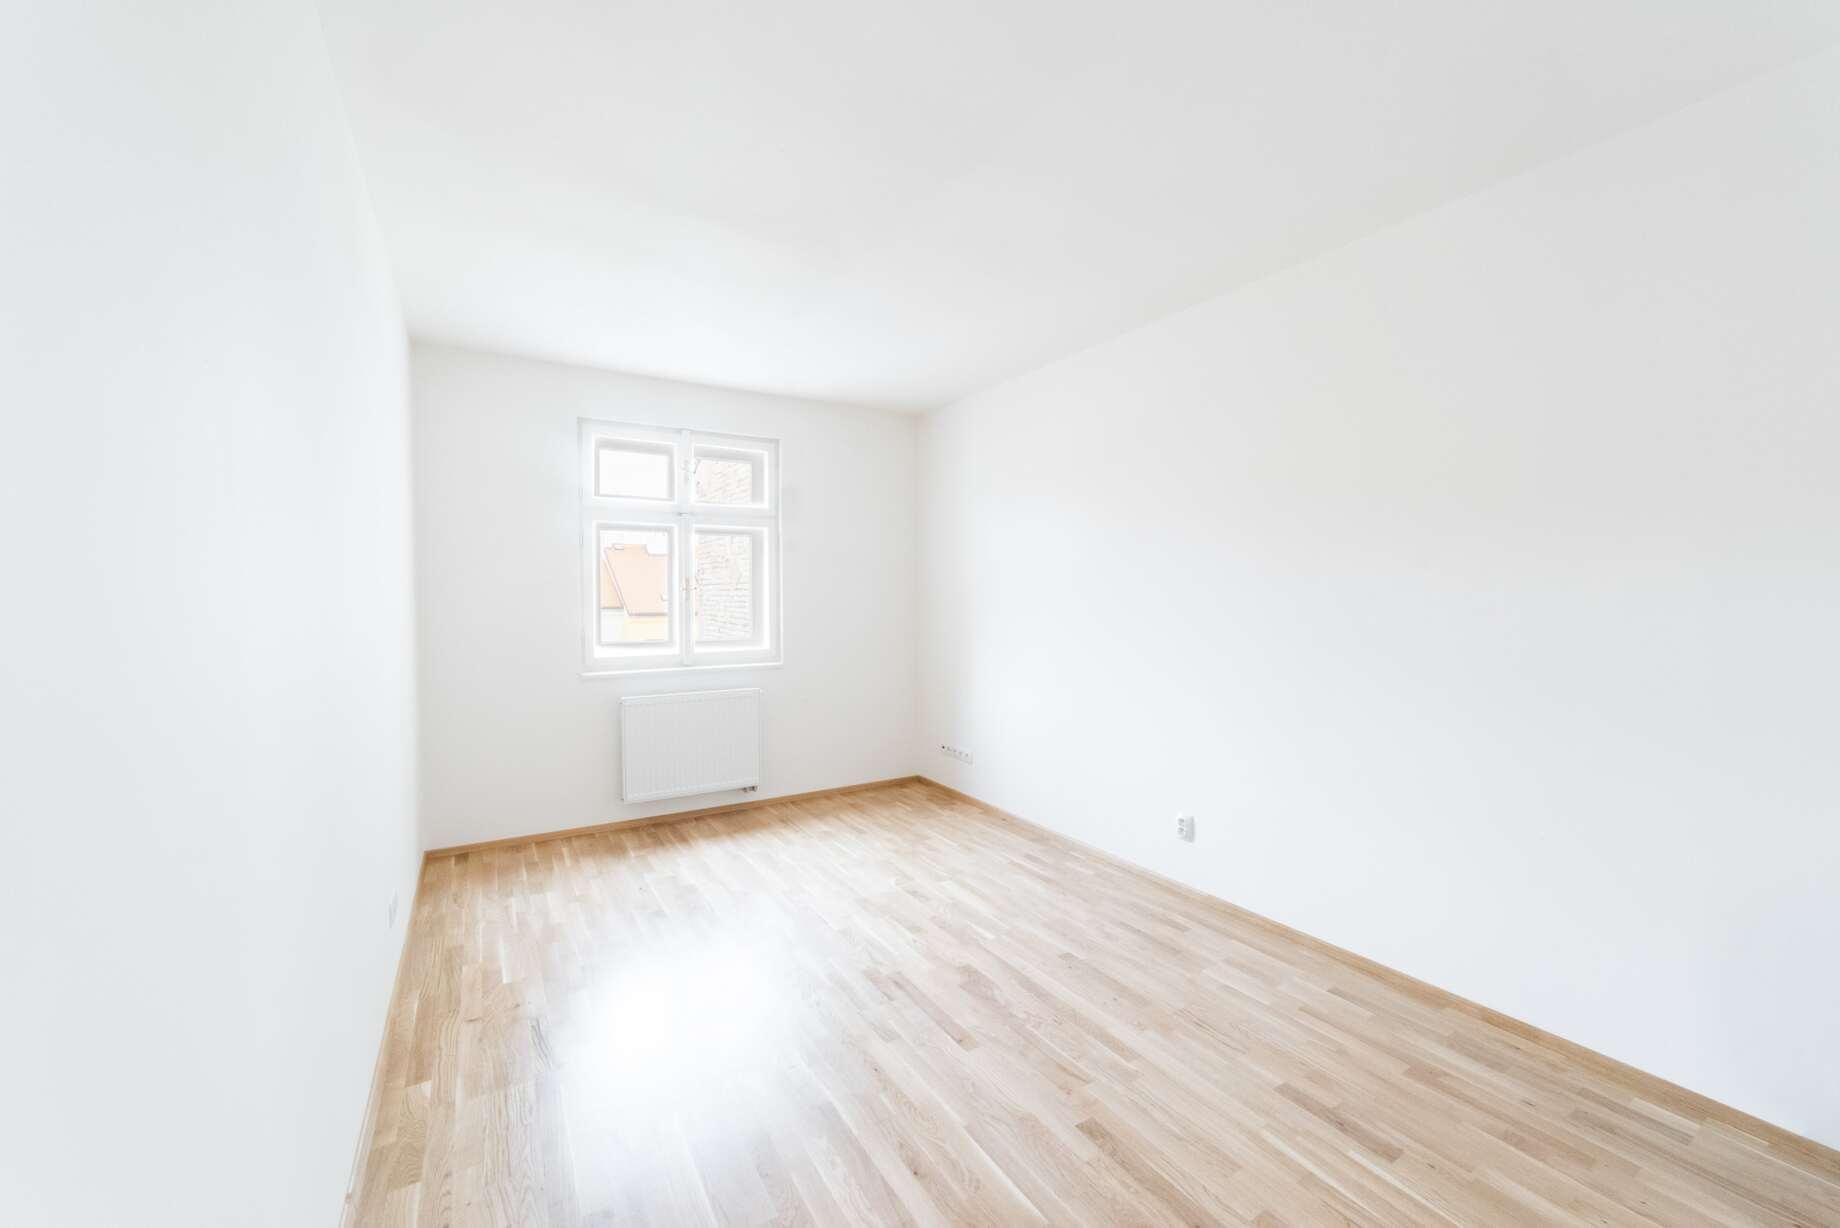 Investiční byty v centru Prahy. Developerský projekt Maison 1832 Lofts Praha 2 - Vinohrady. Developer GARTAL